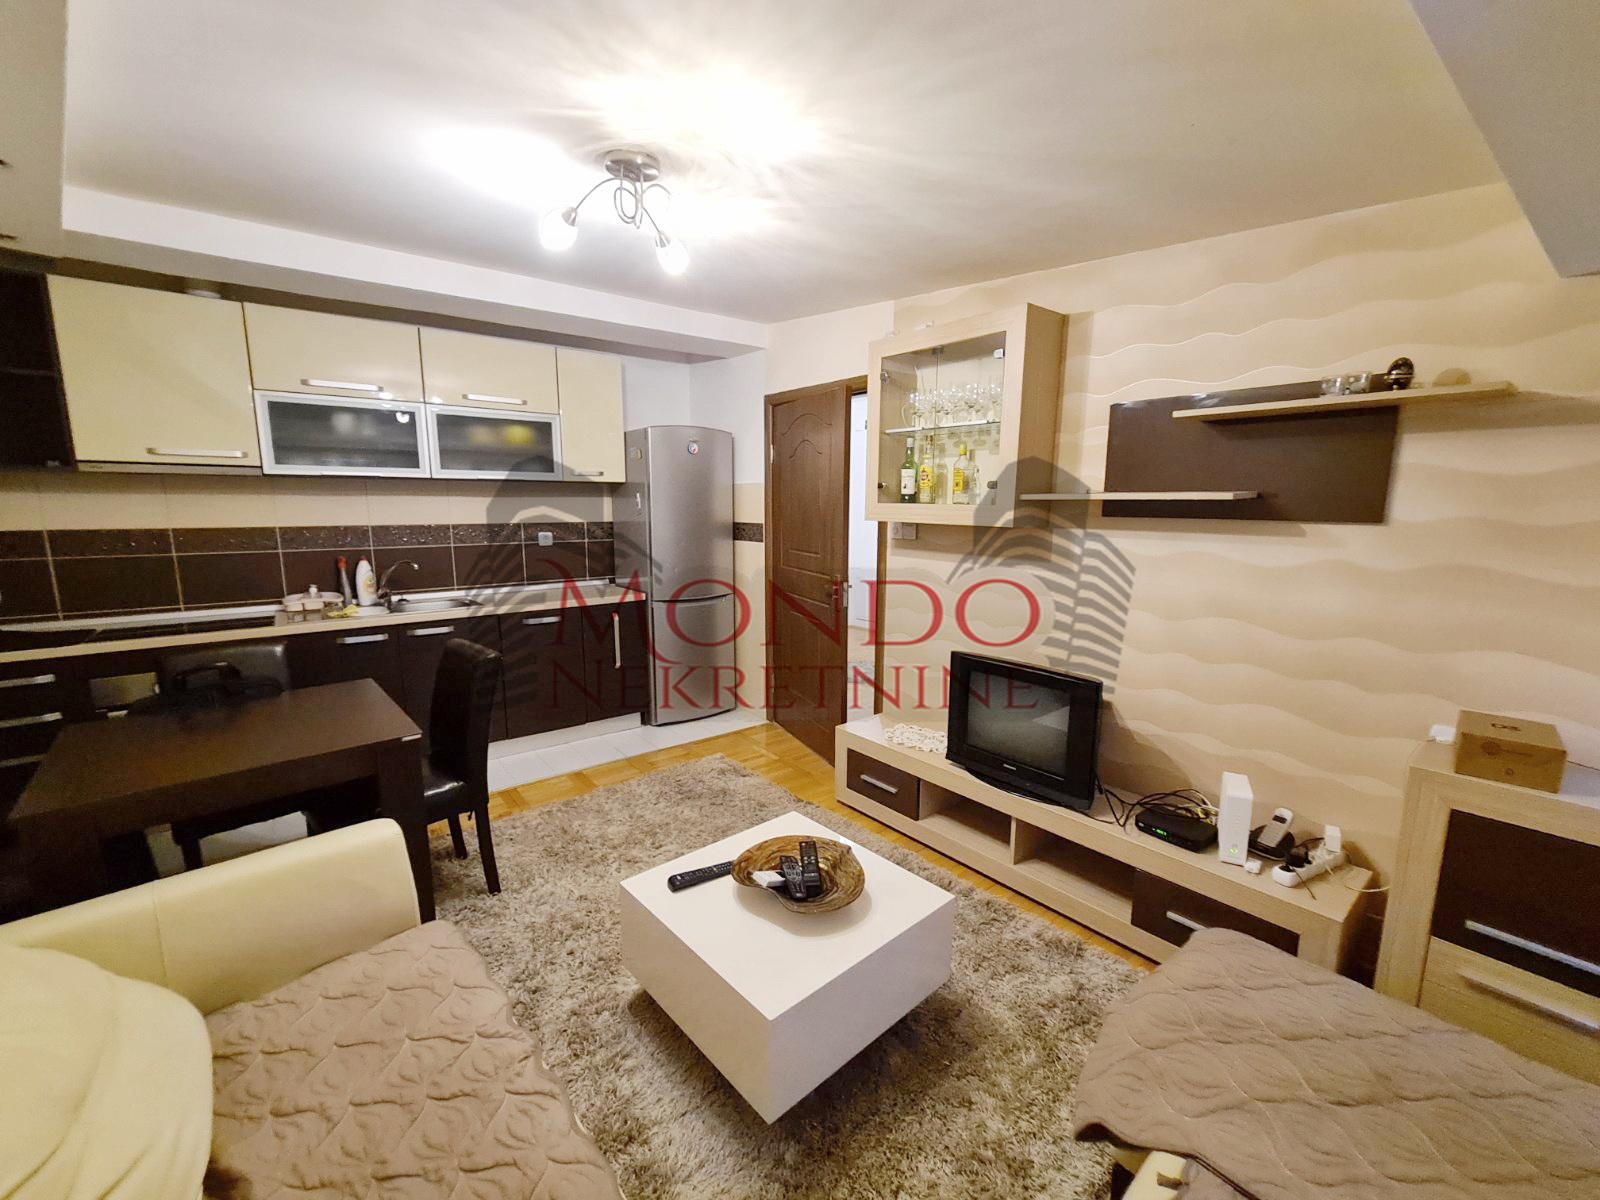 Dvoiposoban stan u novoj zgradi  centar  Nis